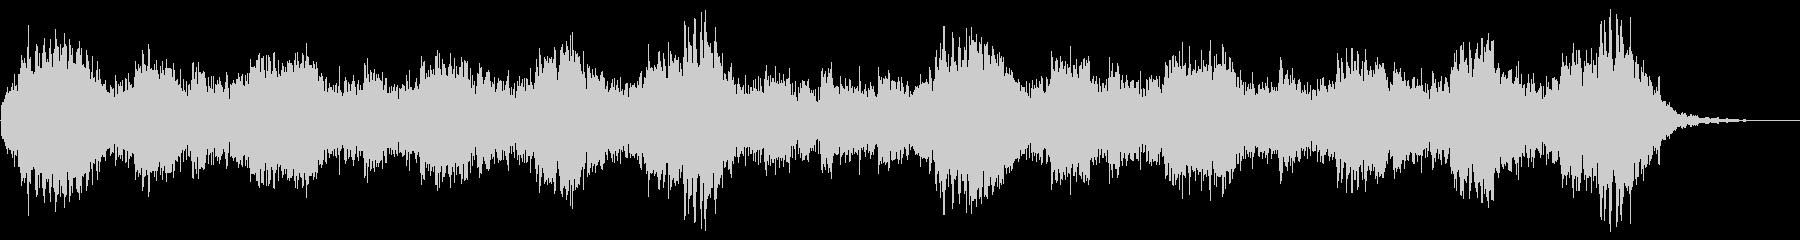 ホラーの演出 奇妙な背景 ハープ 1分程の未再生の波形